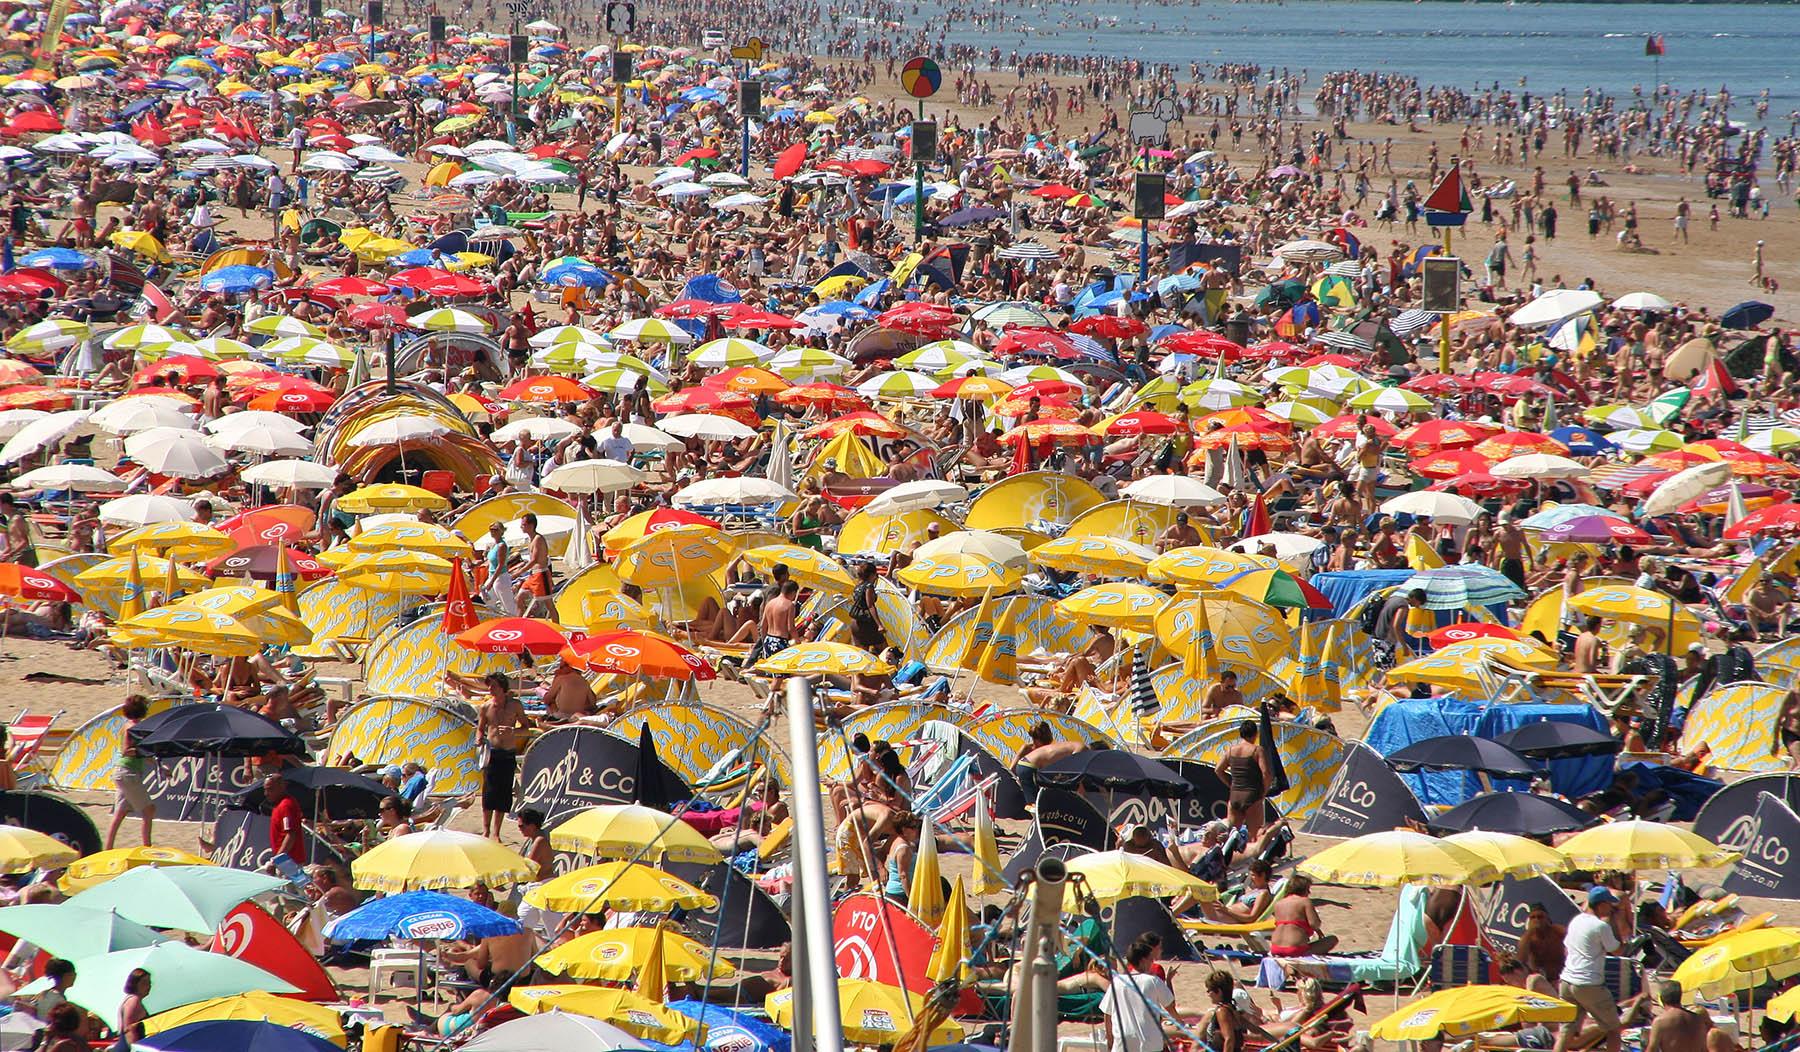 Strand van Scheveningen zit vol met mensen